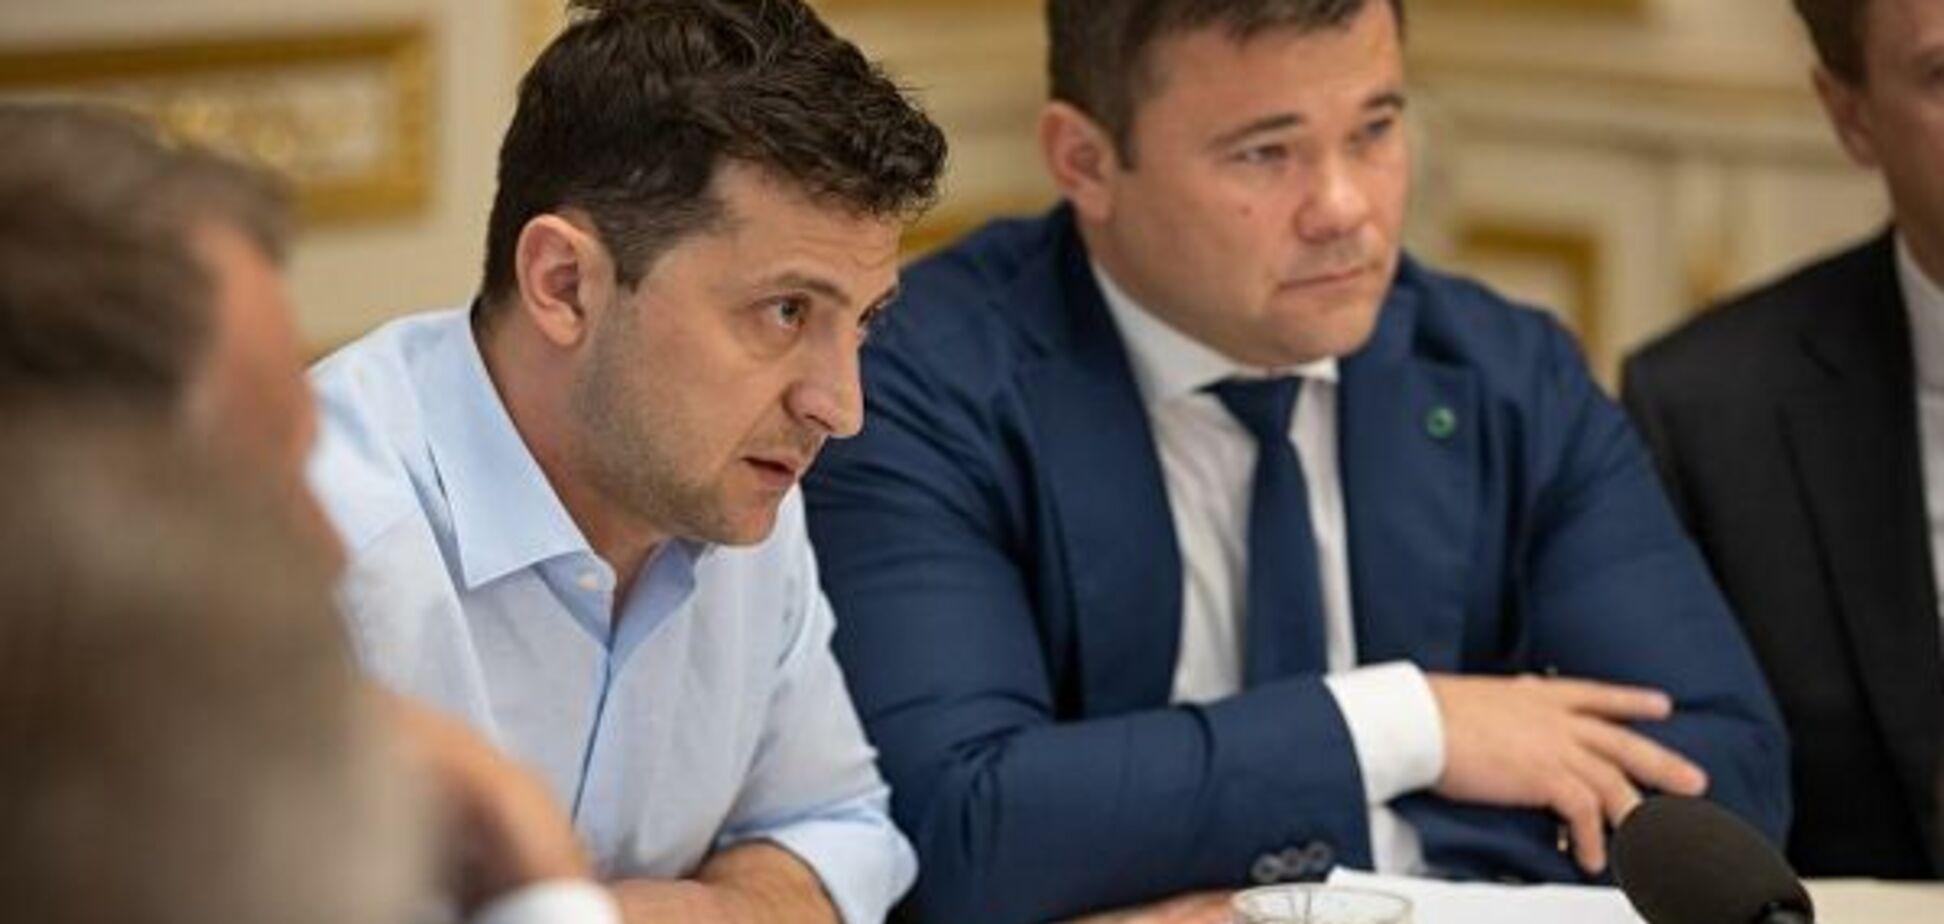 Зеленский собрал СНБО перед встречей с Путиным: все детали